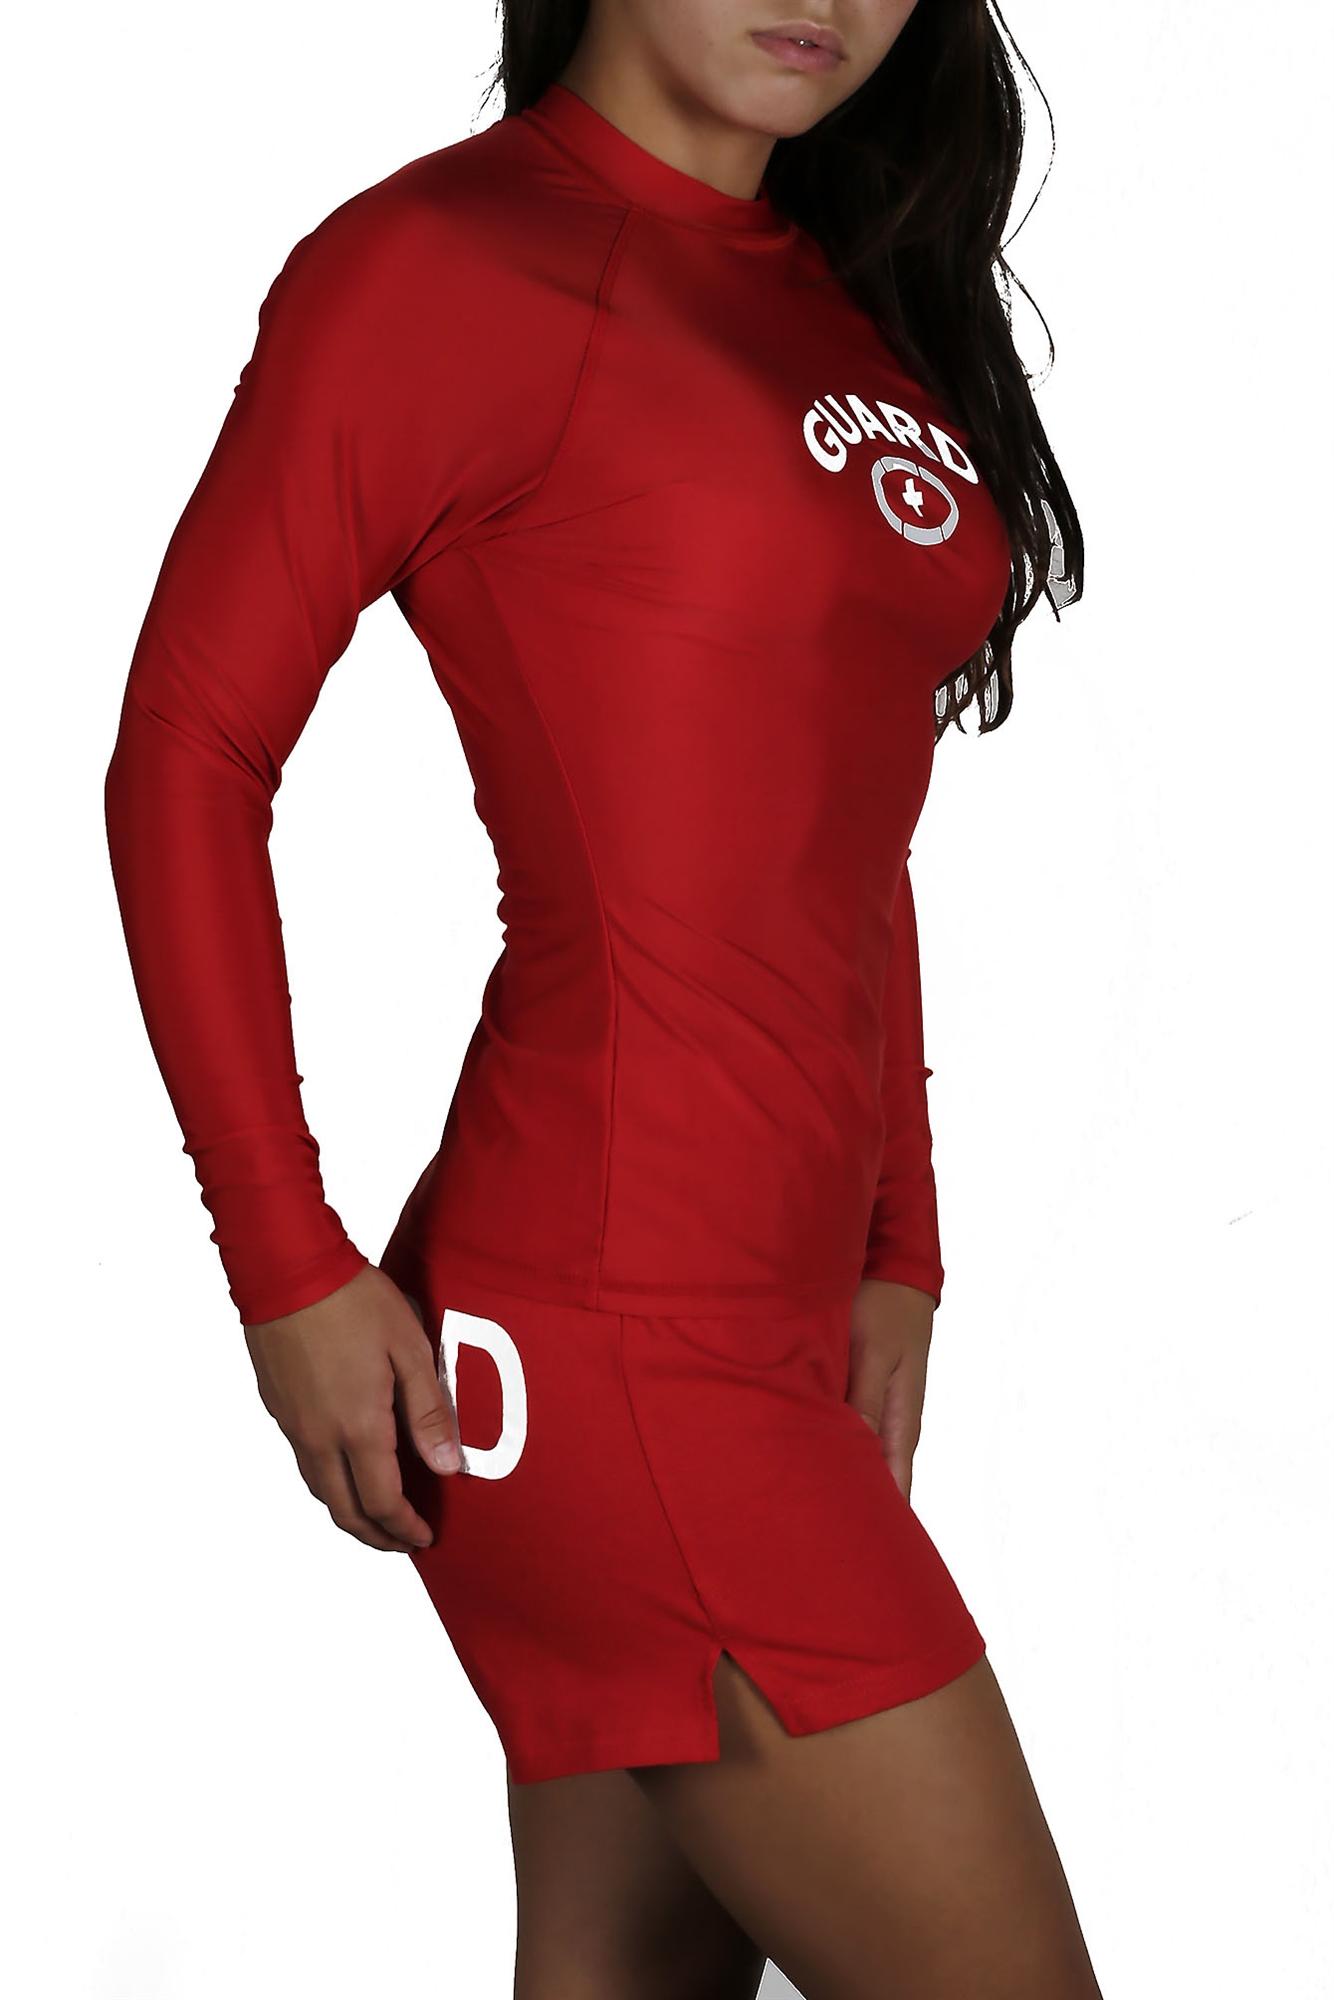 Adoretex Mens Rashguard Long Sleeve Swim Shirt